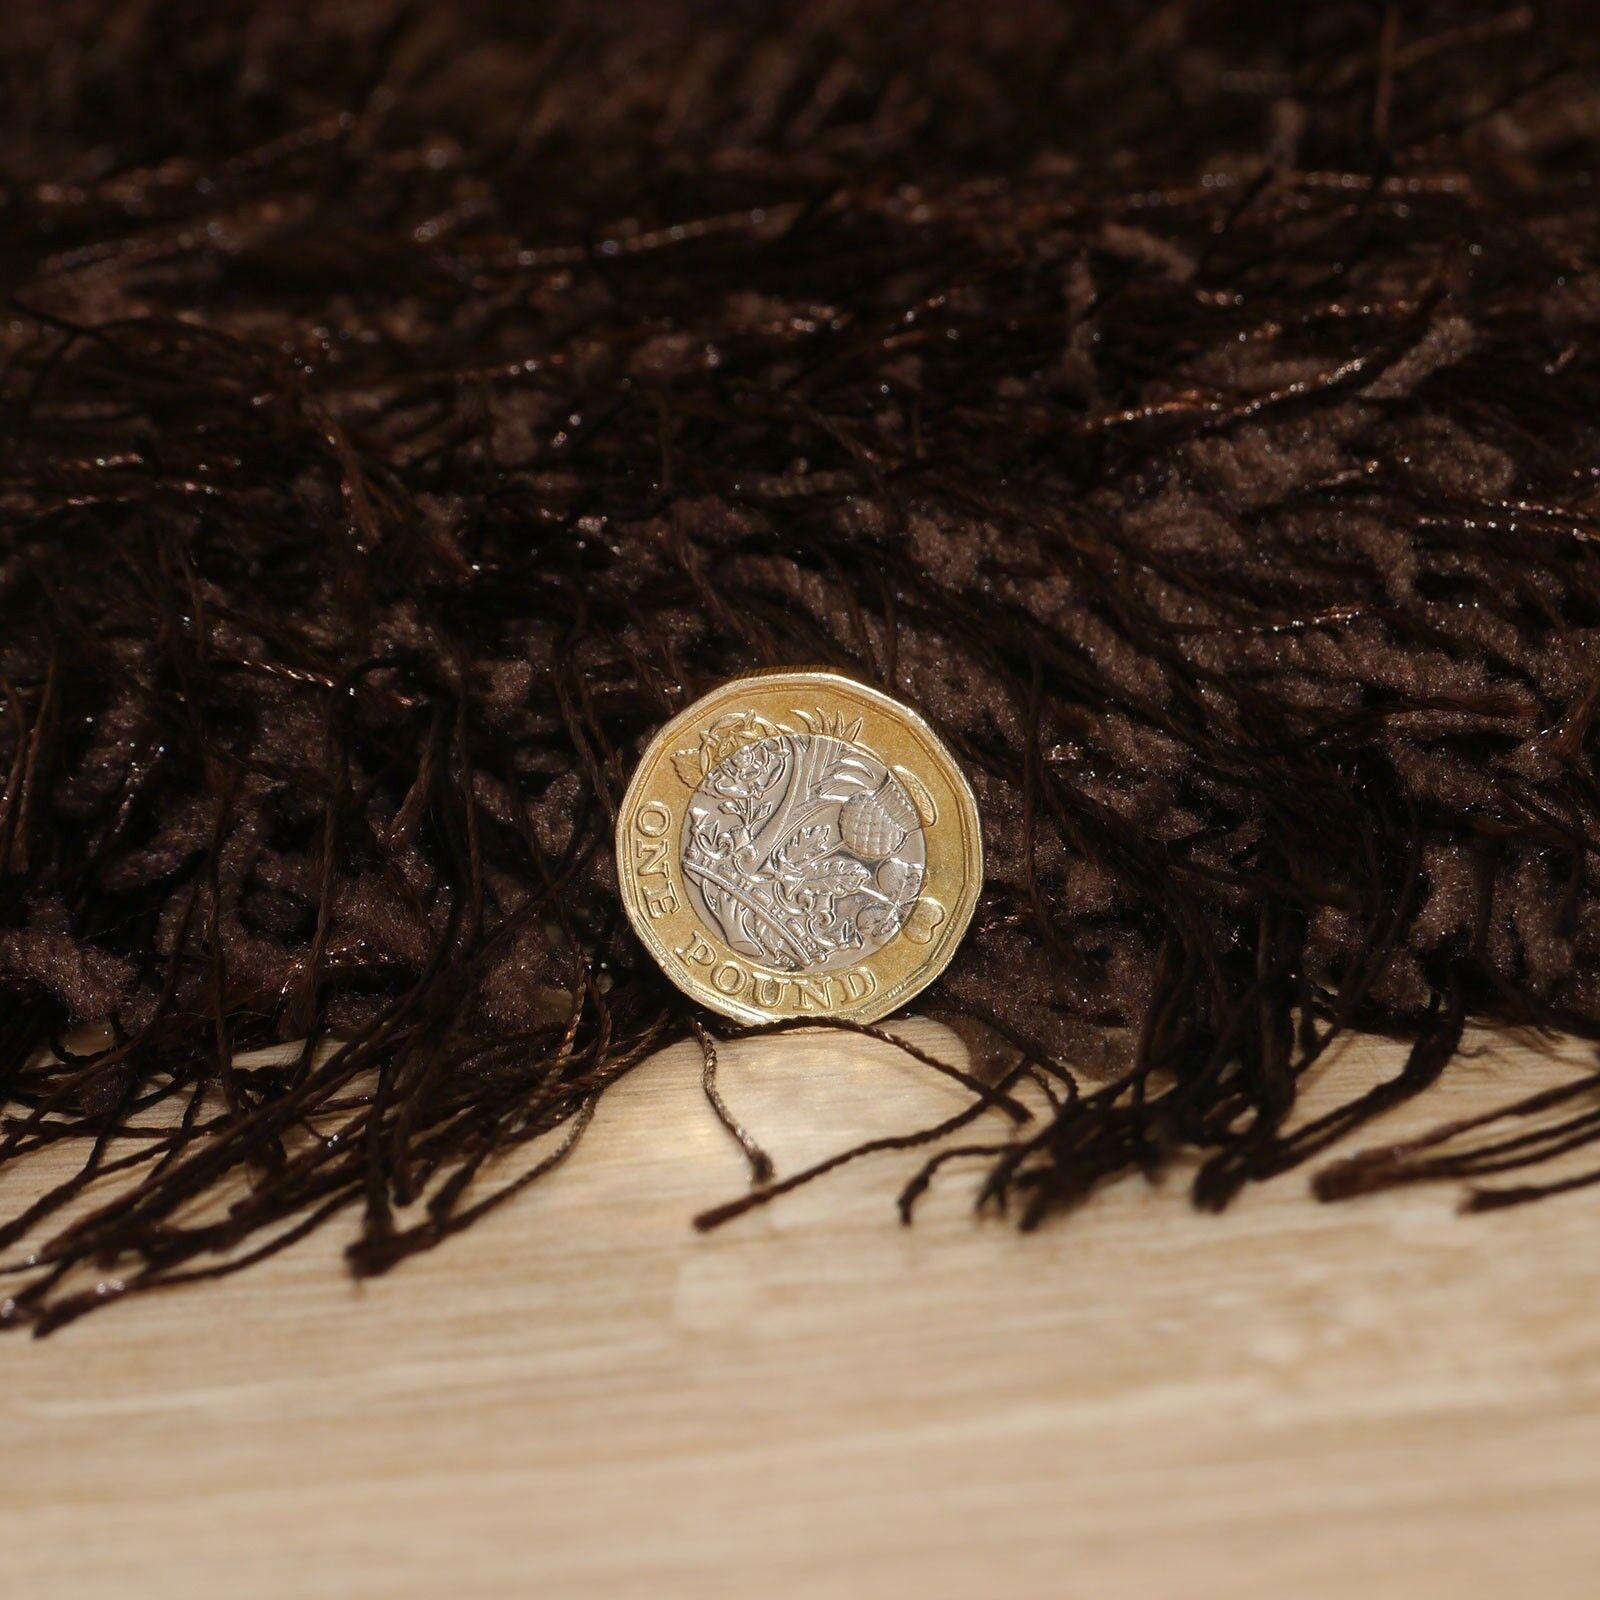 Très Très Très Épais 9cm Surface Douce Tapis Shaggy en Gris Marron Rouge Caramel Crème   Attrayant Et Durable  56fc48